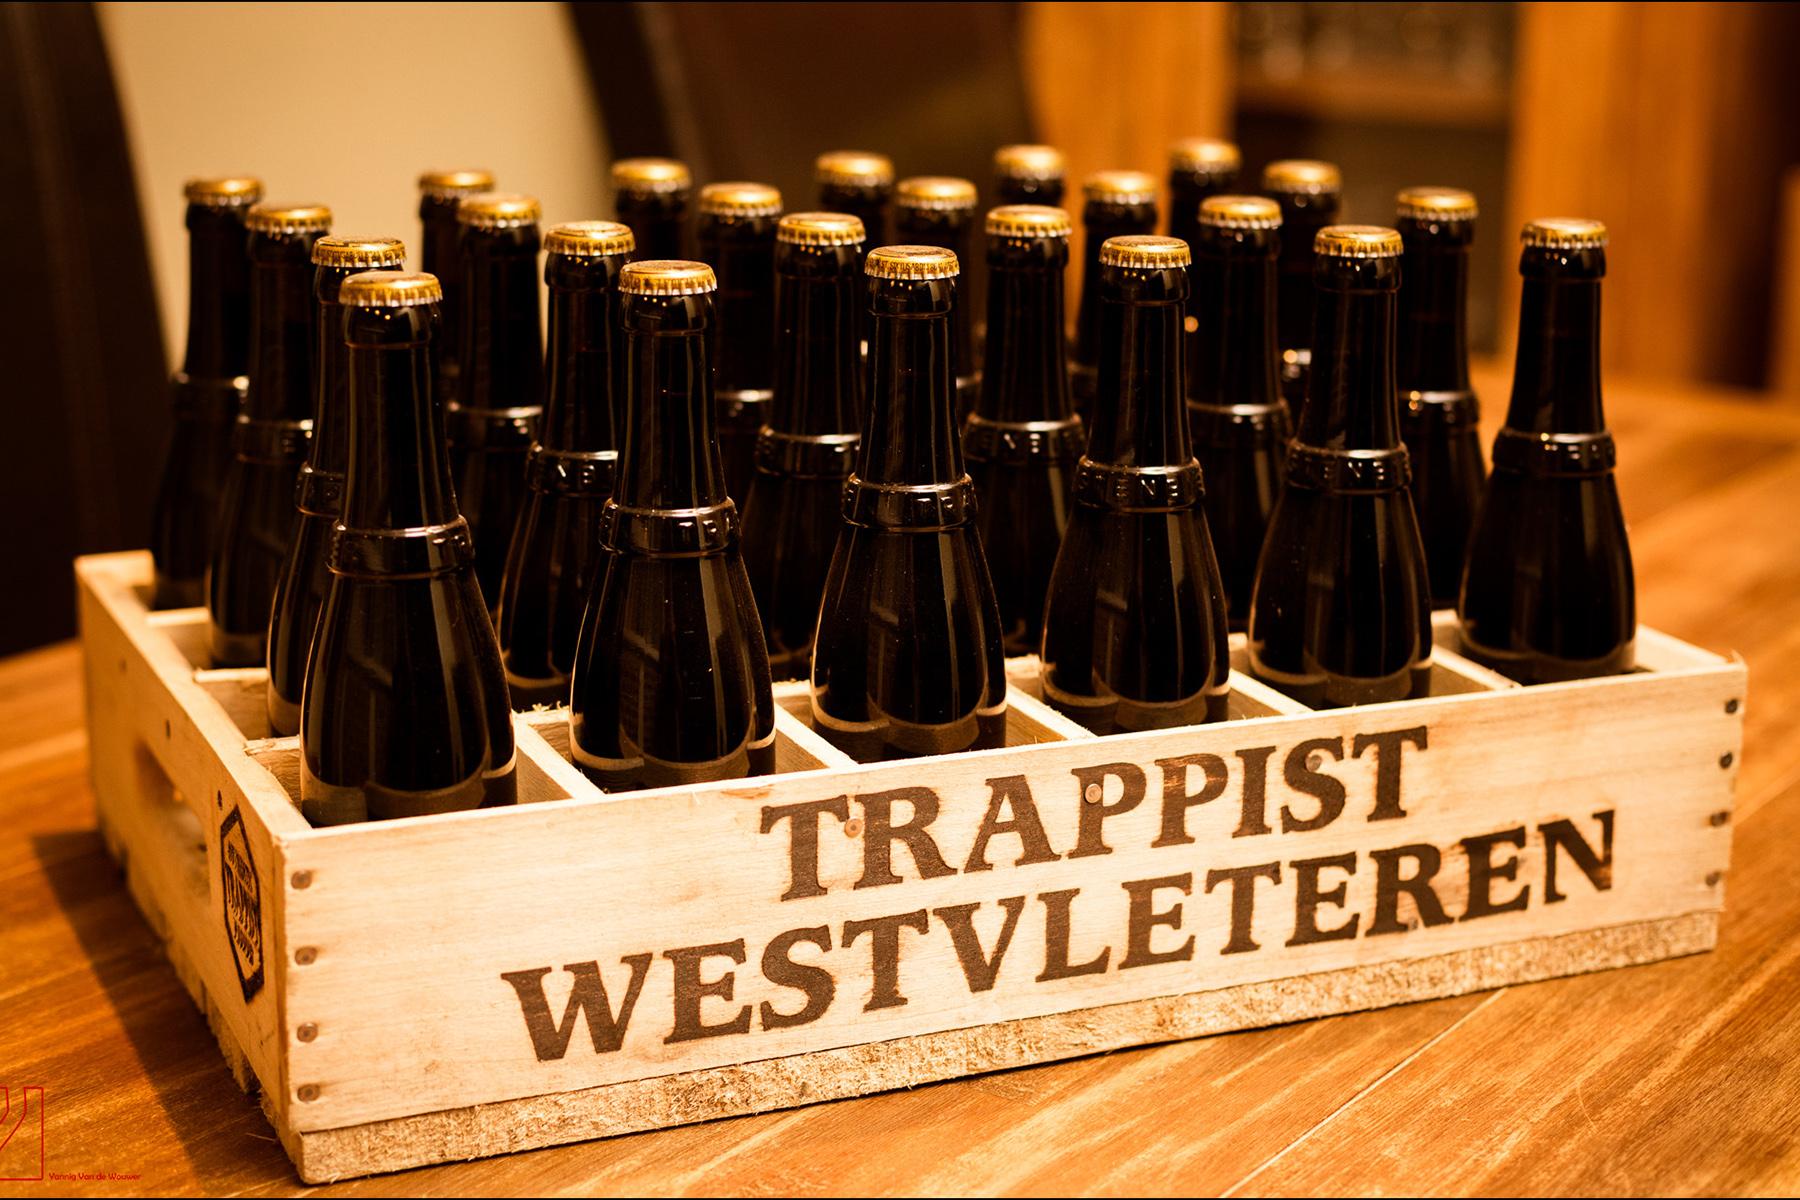 Westvleteren 12 (Photo: Yannig van de Wouwer / Flickr)